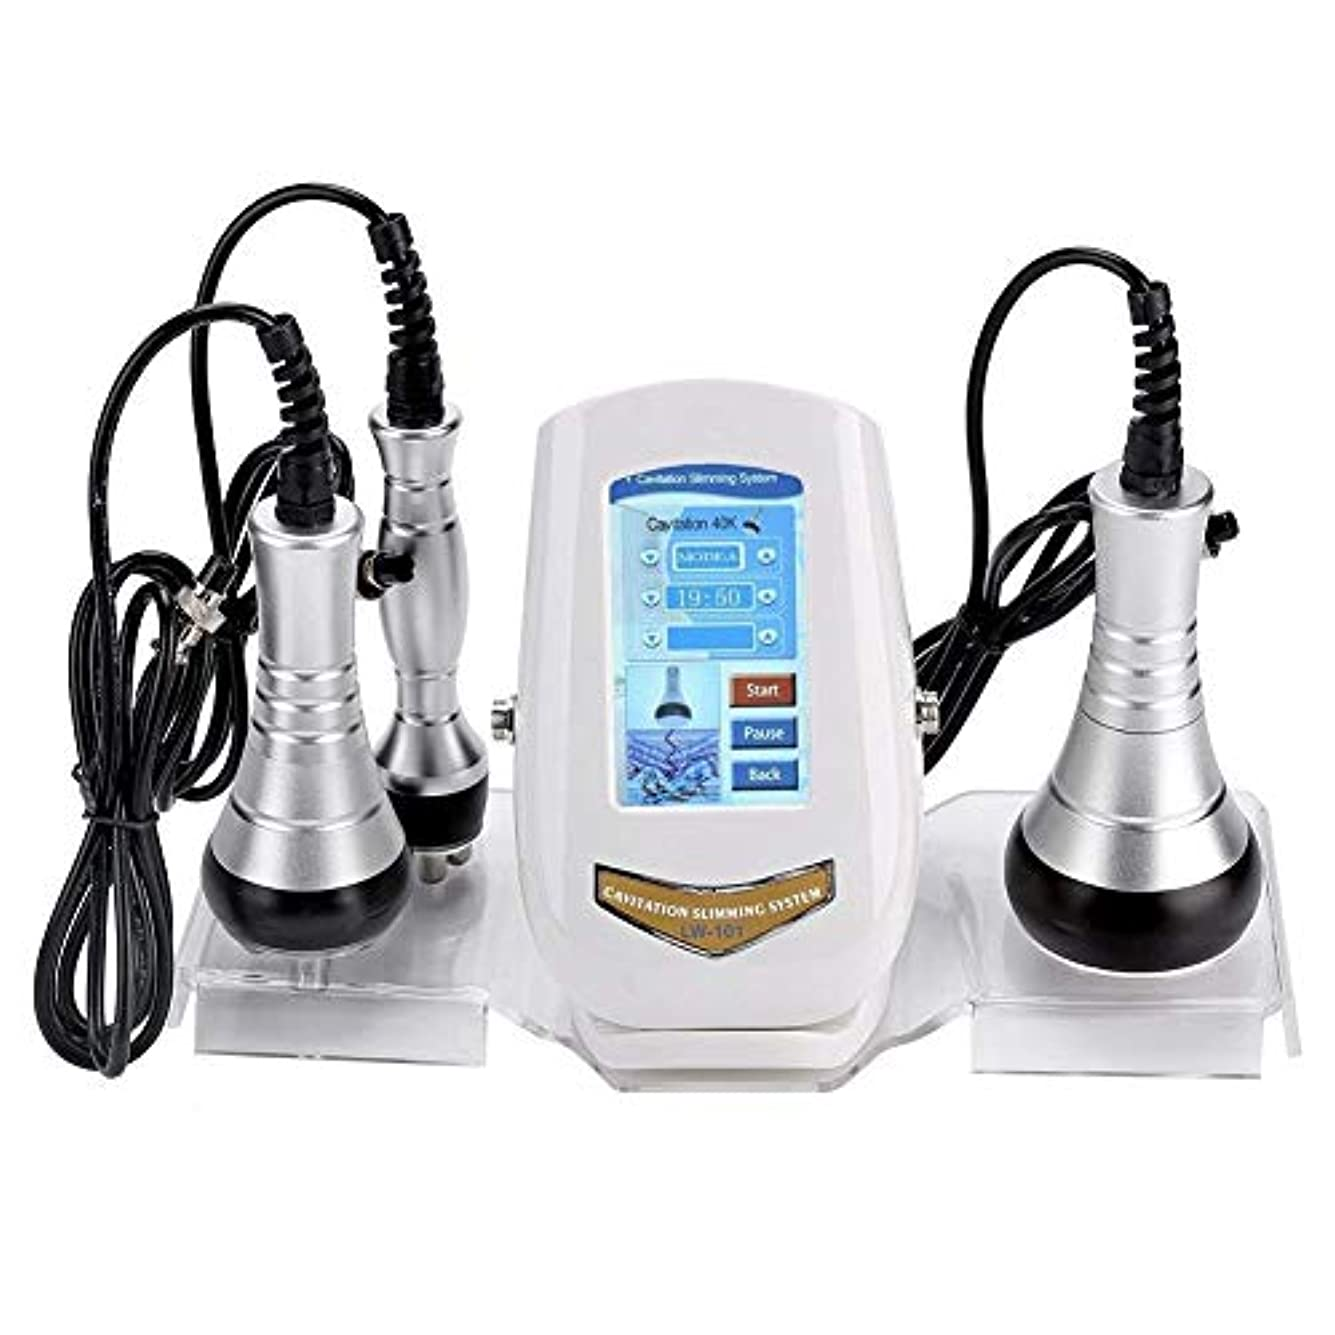 対抗冷える排泄する脂肪燃焼美容機、超音波振動+ EMS +赤外線3 in1キャビテーションボディ痩身デバイス、スキンケアアンチセルライトラジオ周波数肌を引き締める機EMSフェイスアームレッグウエストヒップケア